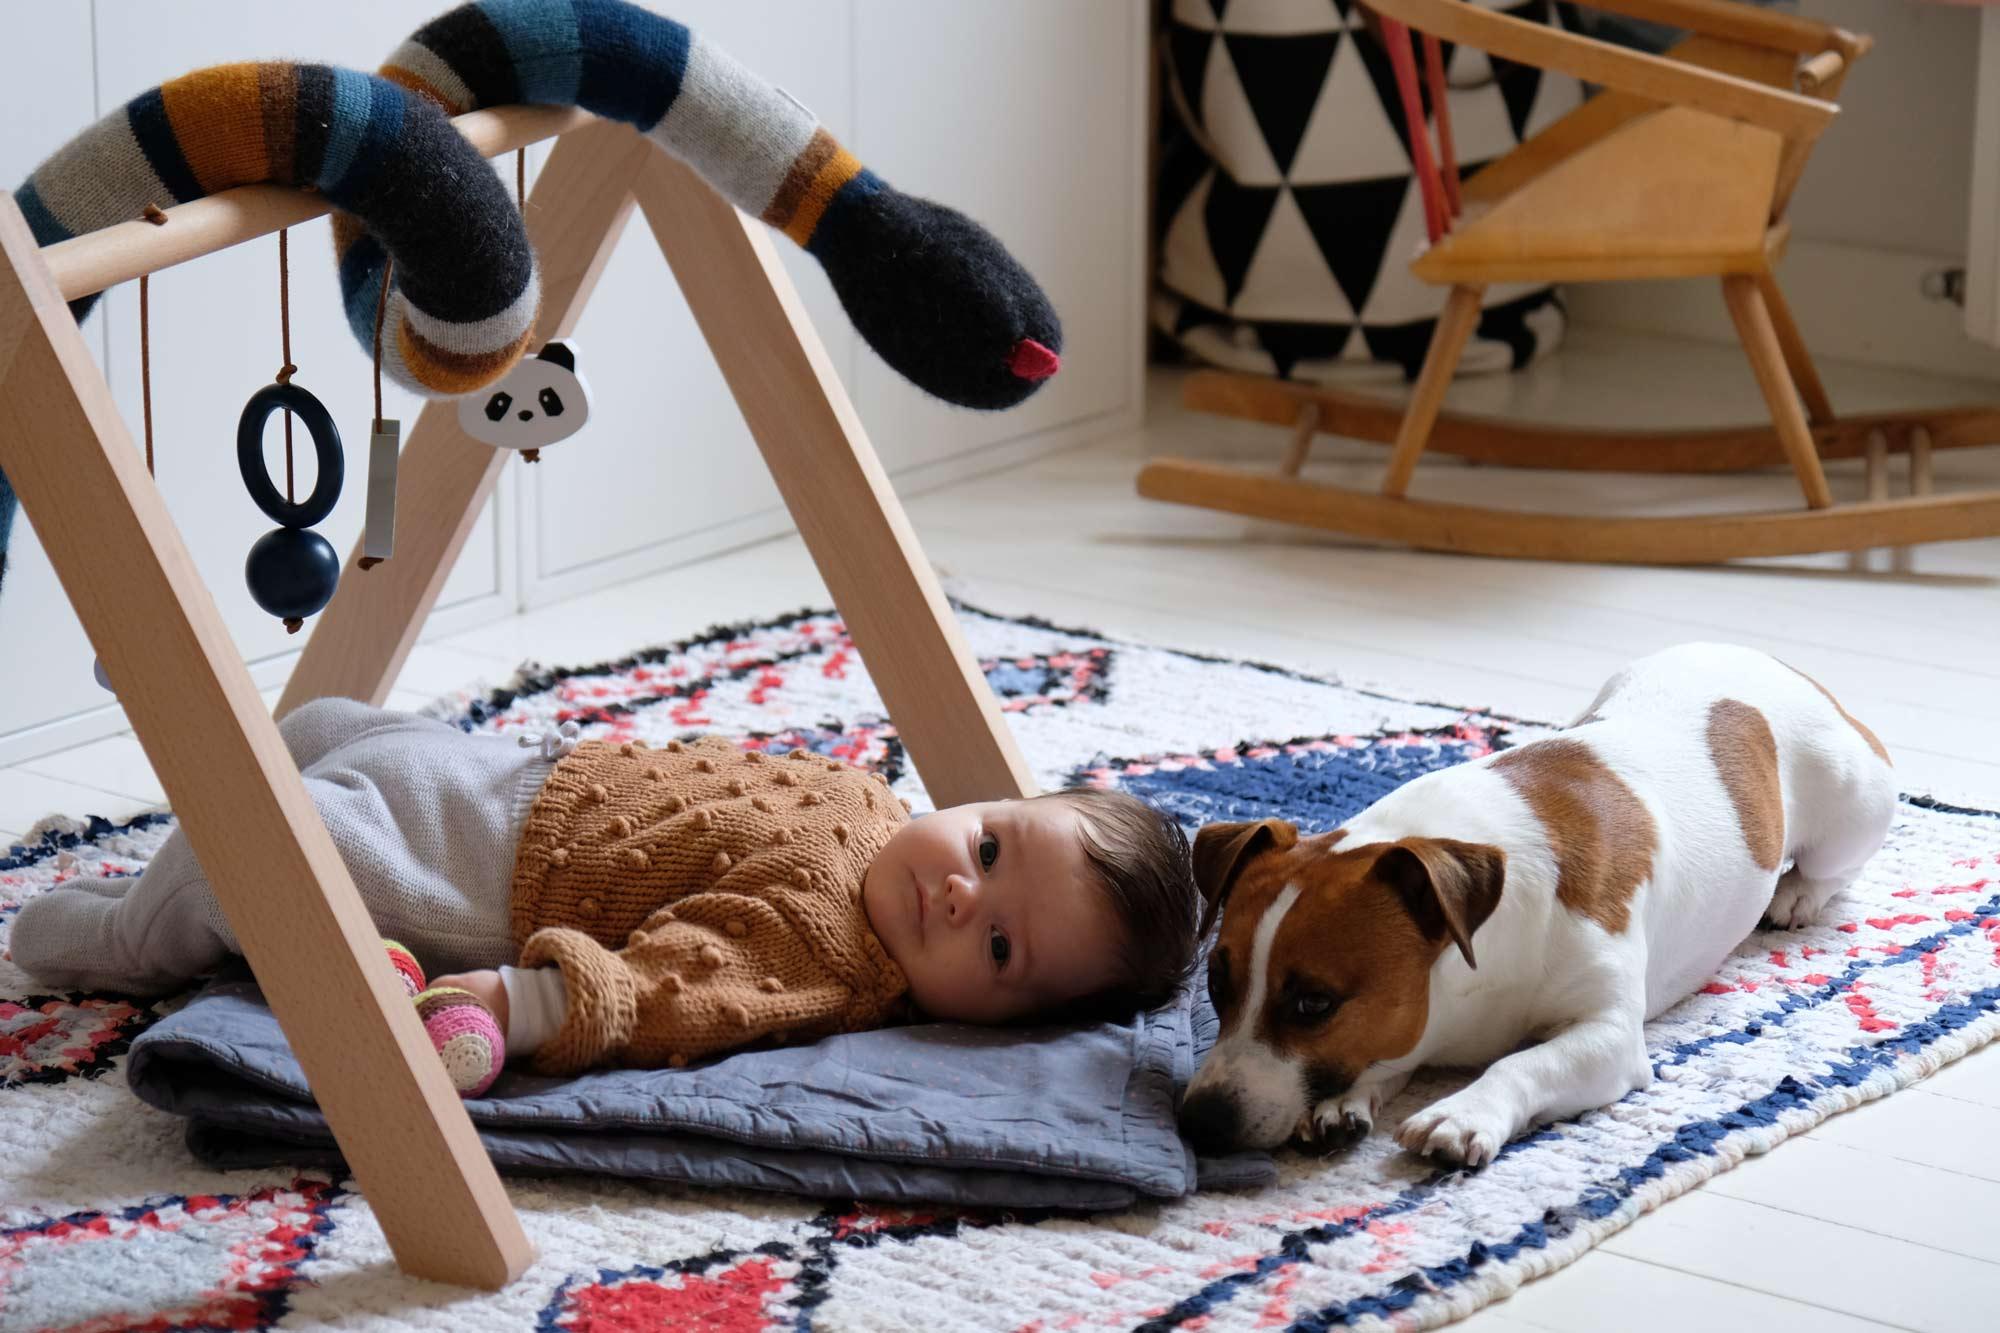 napoleon le chien de latoupie @latoupie adore les bébés